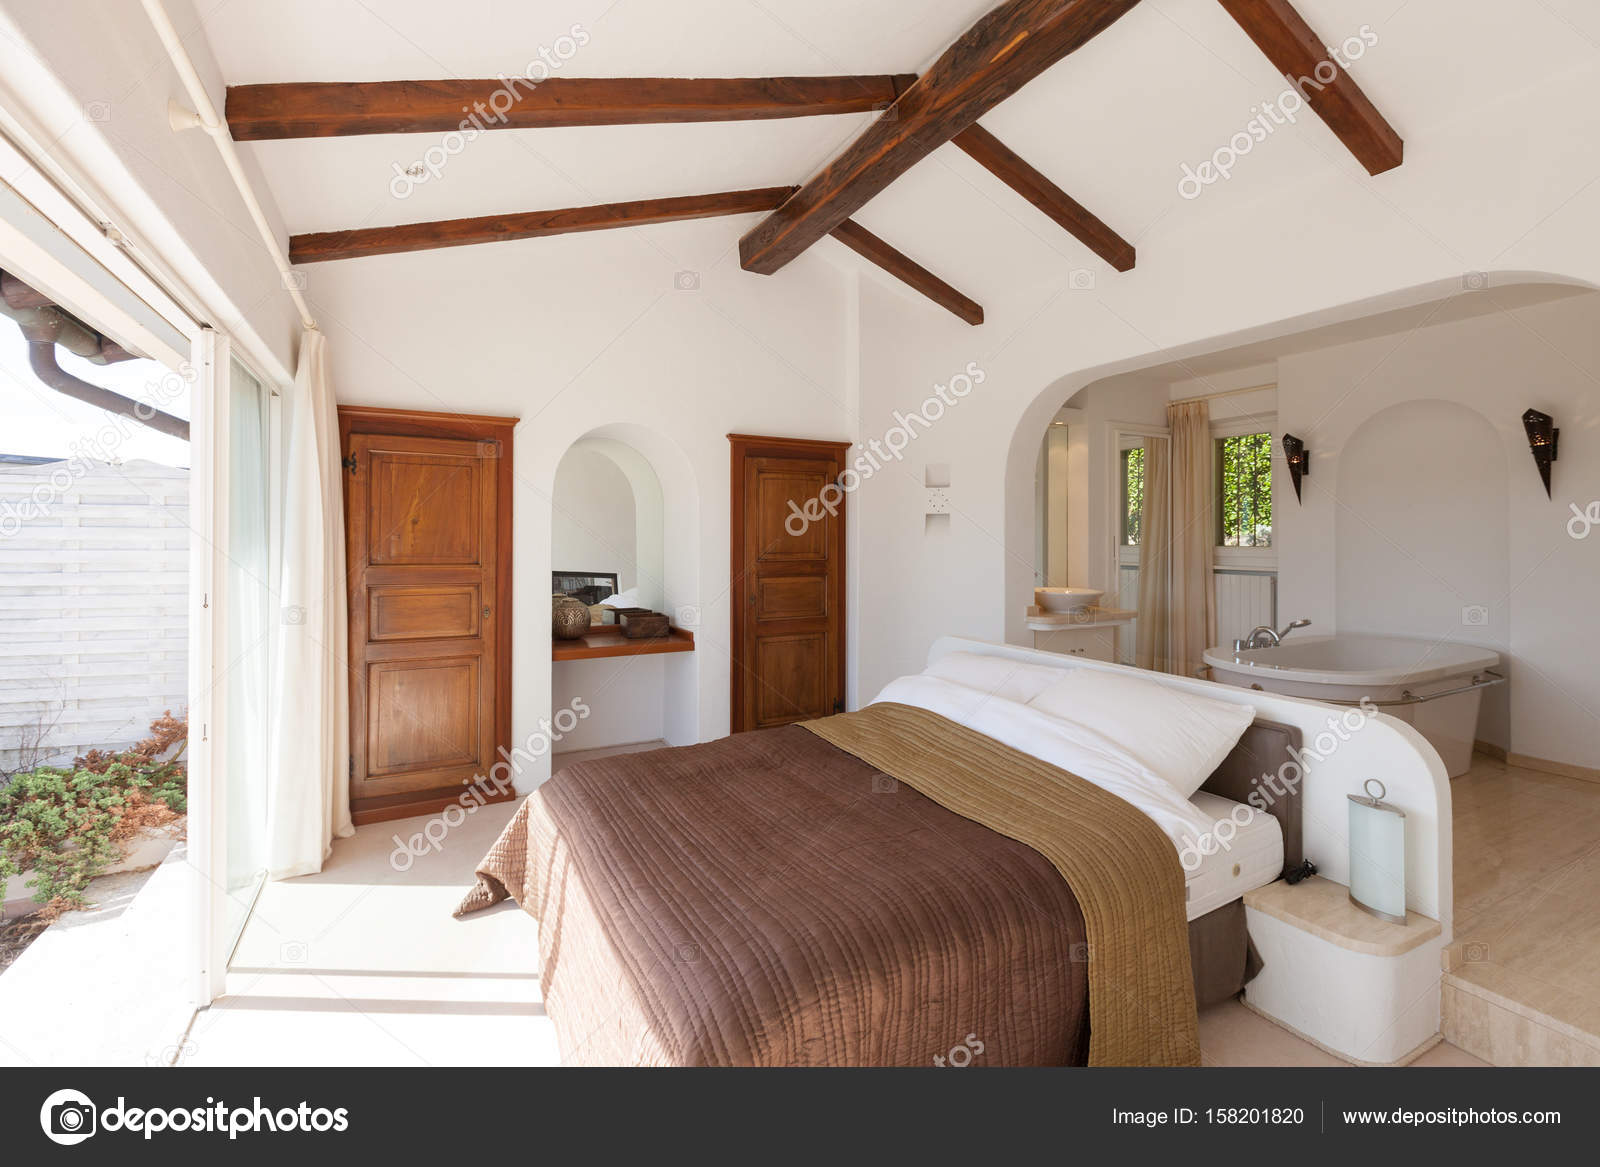 Vasca Da Bagno In Camera Da Letto : Il bagno open space in camera da letto contemporaneo e luminoso